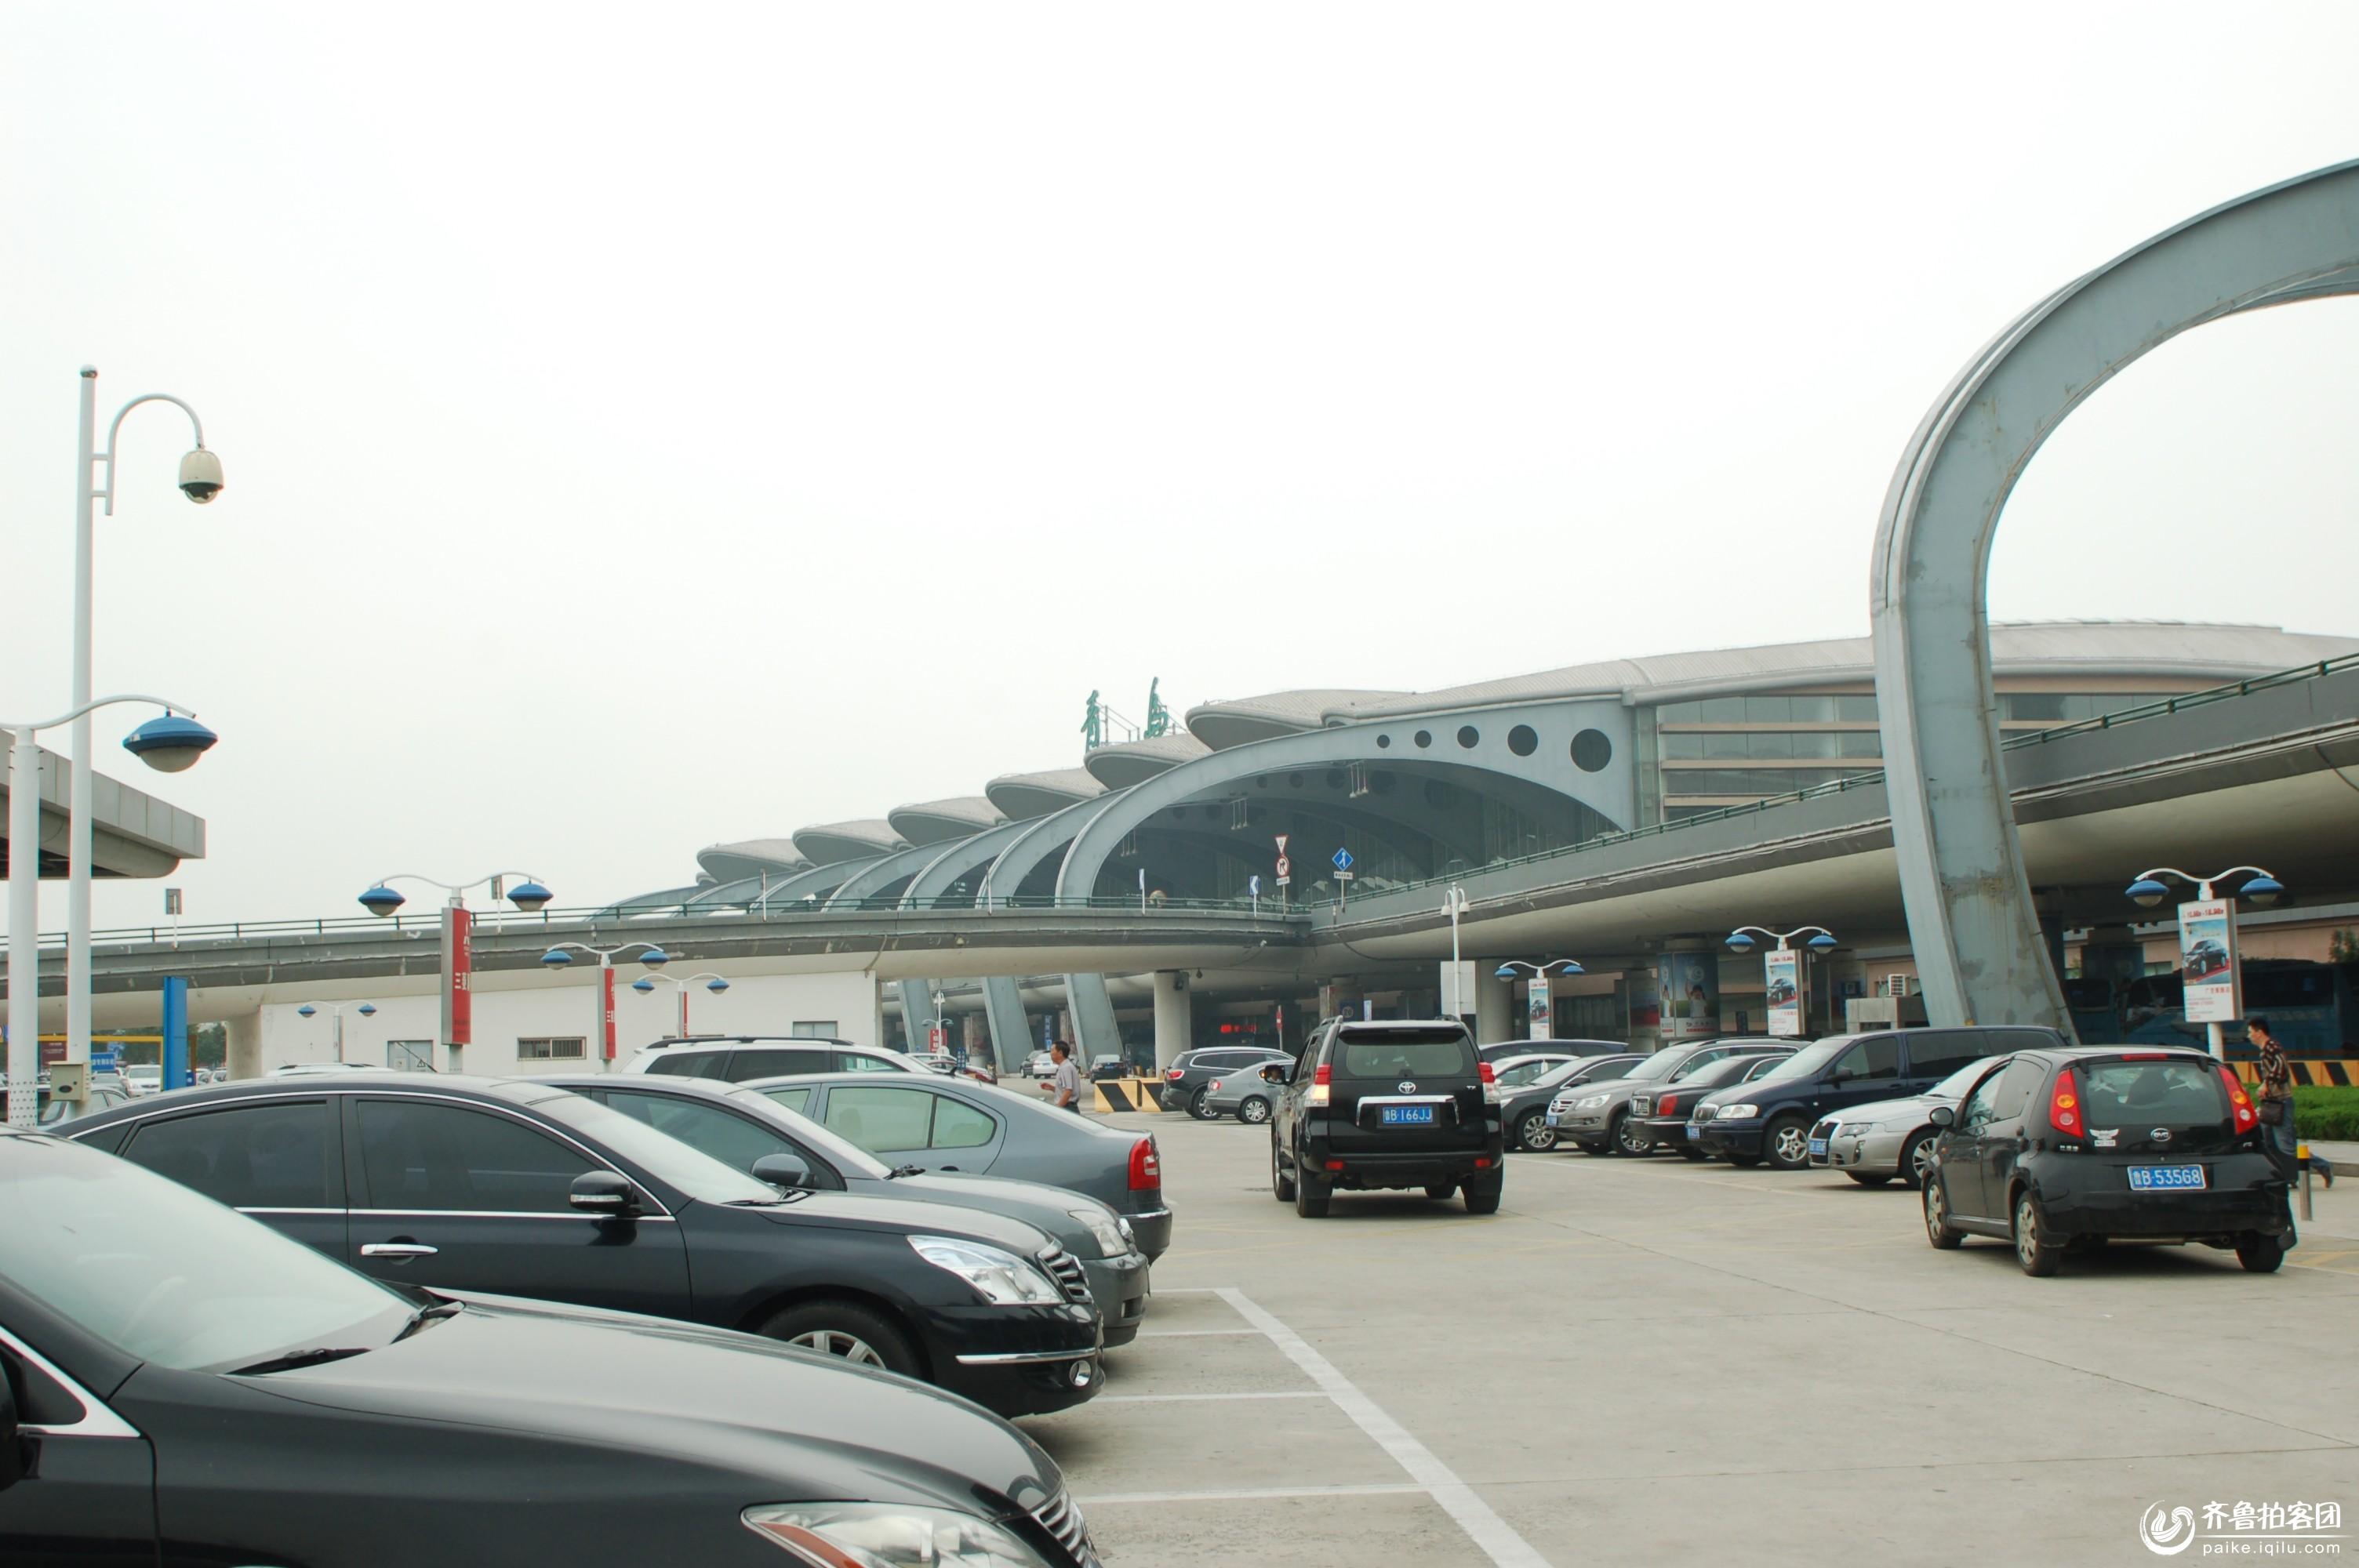 青岛机场 - 济宁拍客 - 齐鲁社区 - 山东最大的城市